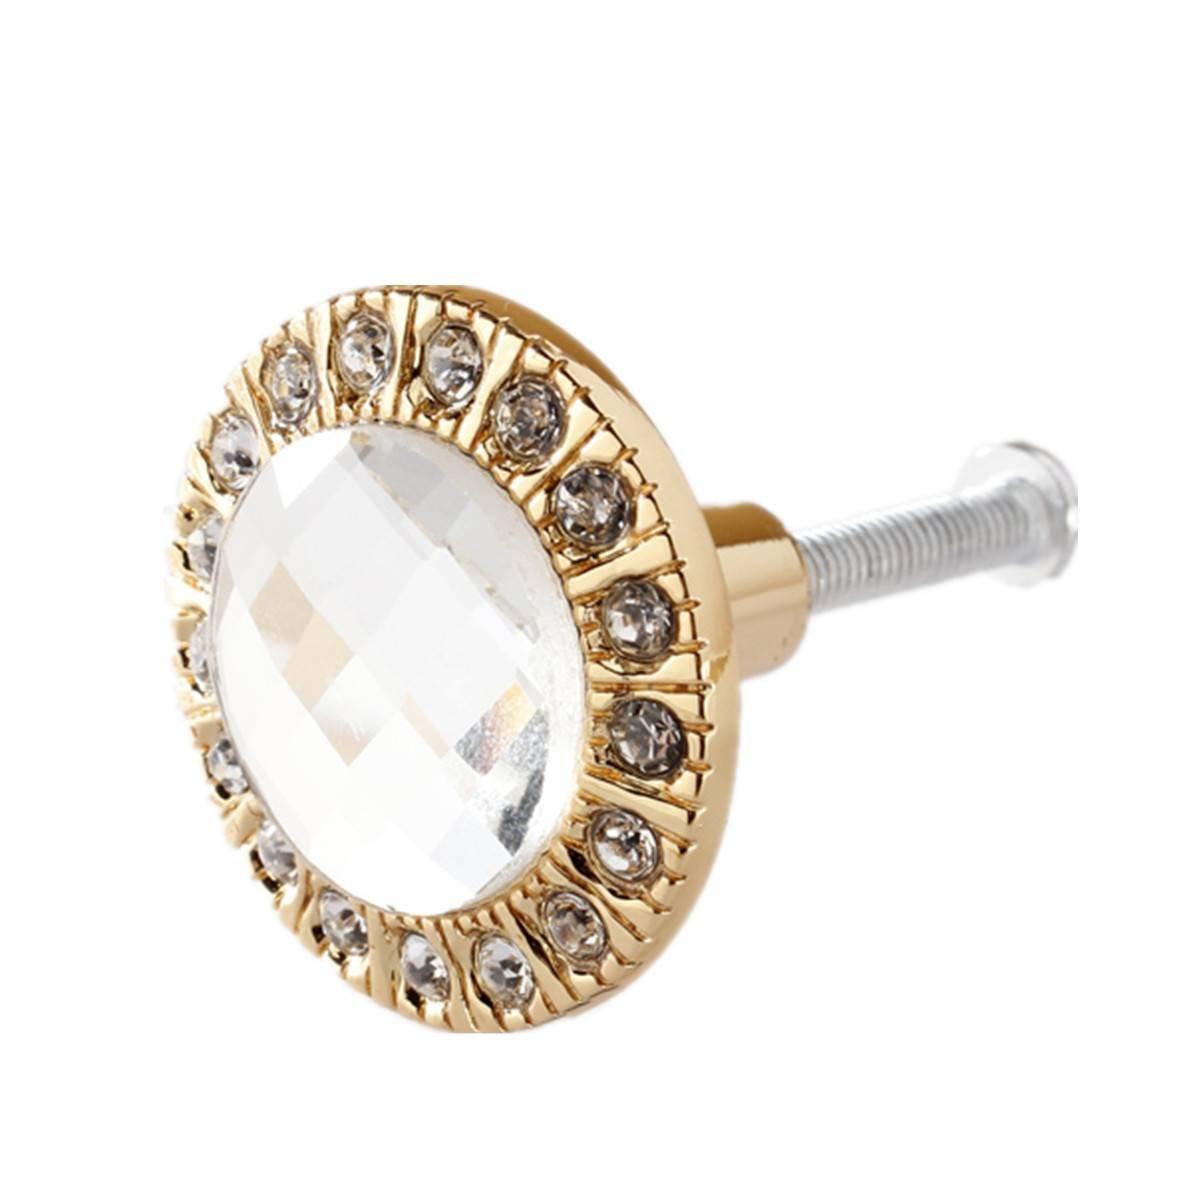 SODIAL(R) 1 pz Manopola di cristallo trasparente in vetro trasparente Manopola di brillante strass per il cassetto d'oro LEPAZIK4031